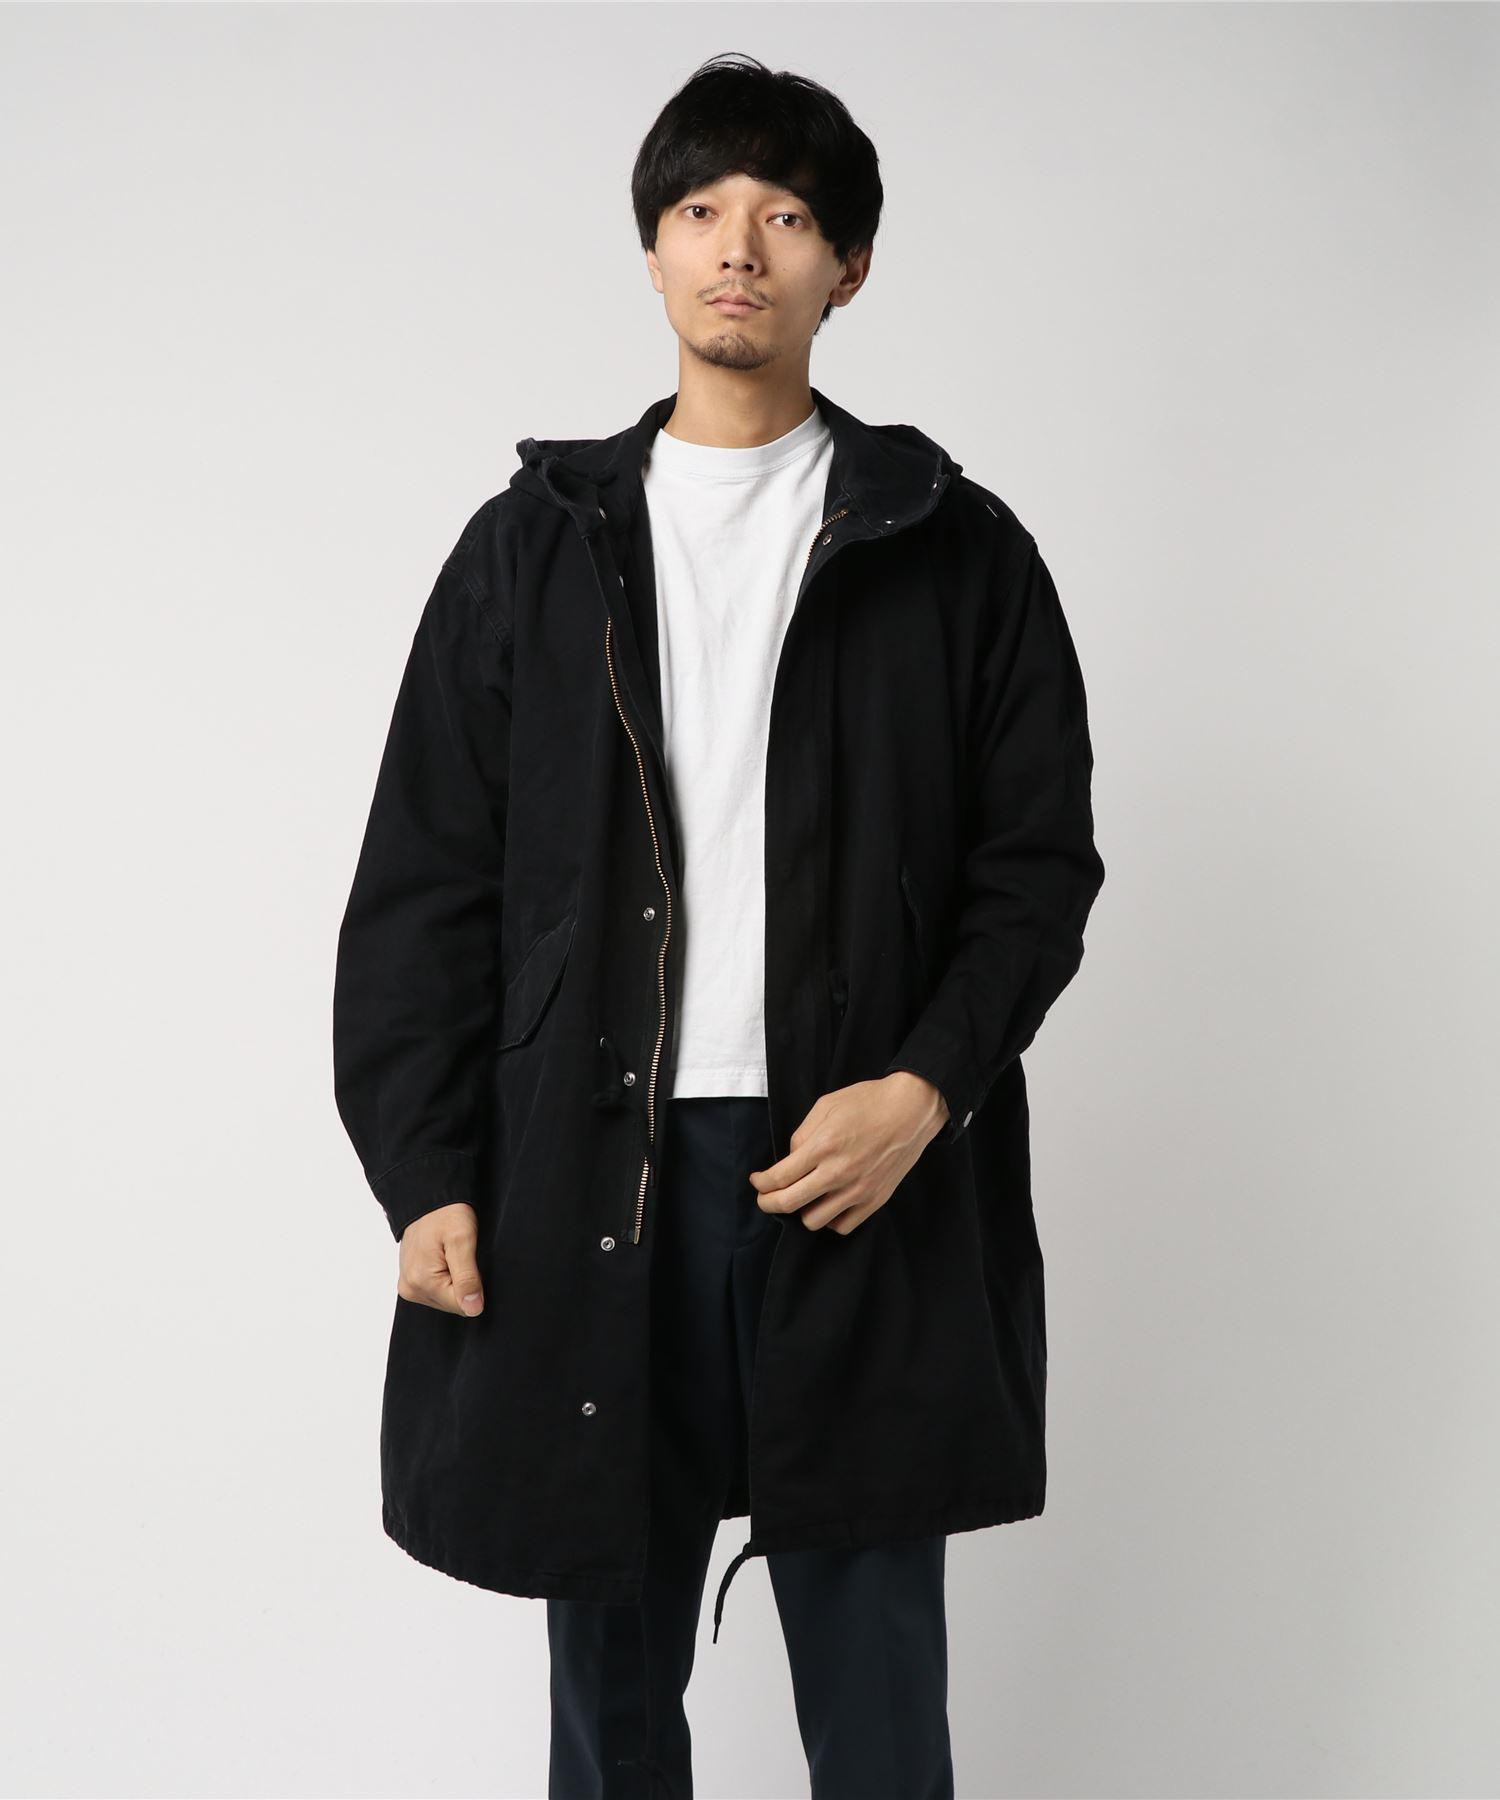 アメリカンラグシー AMERICAN RAG CIE / モッズコート Field Parka Coat